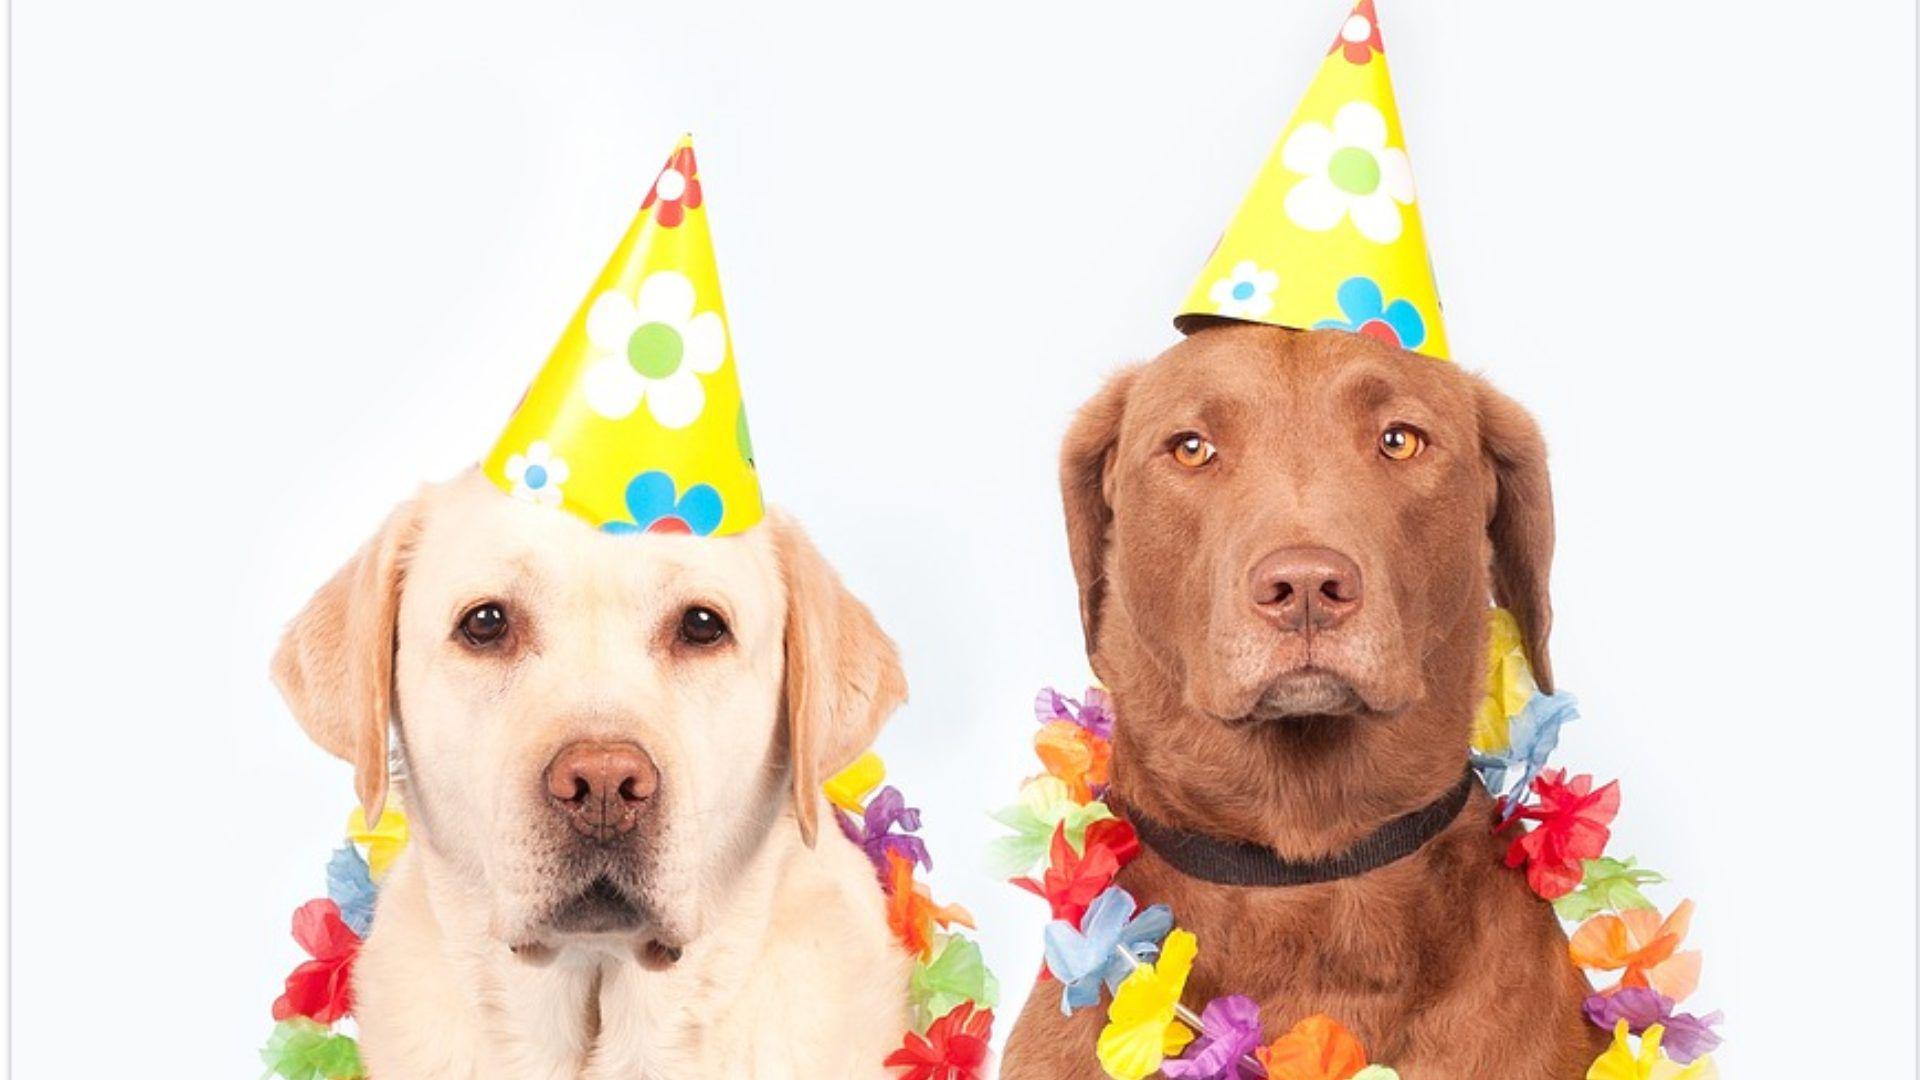 Este año el Día del Perro en México coincide con el Día Internacional del Perro, que se celebra el 21 de junio (Foto: Pixabay)